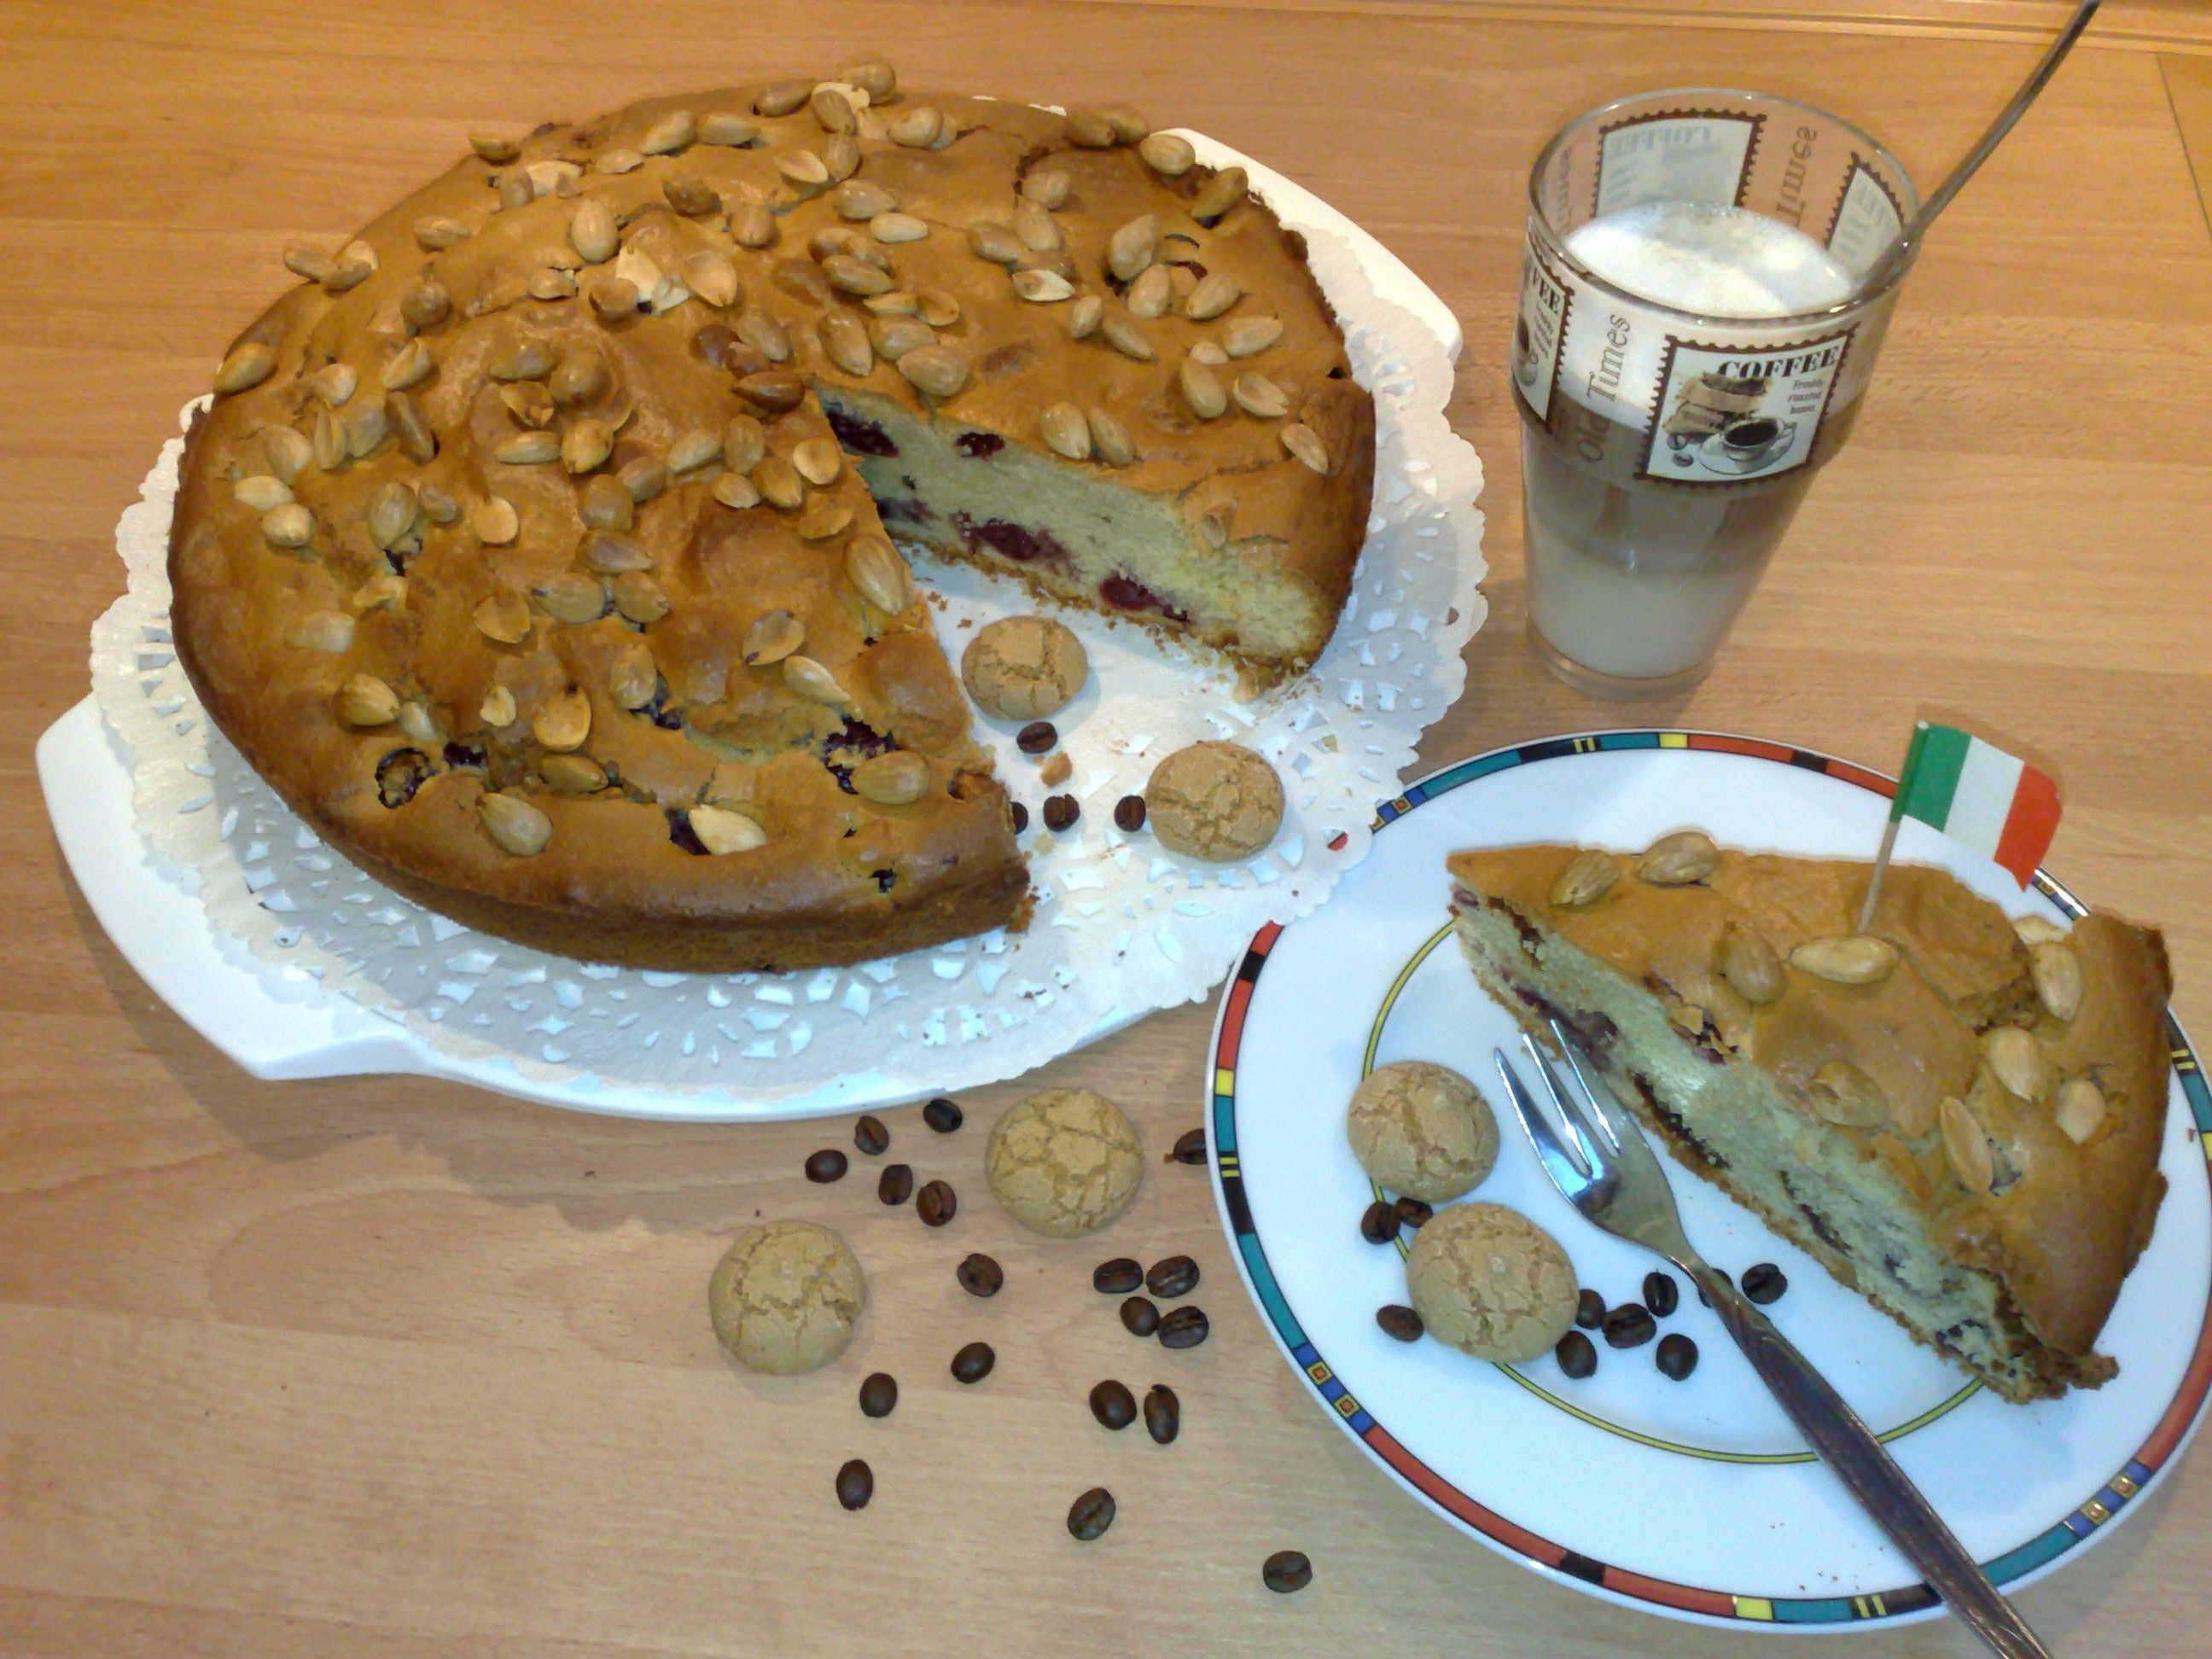 Amarettini Kuchen Mein Beitrag Zu Pamk Und Ein Leckeres Last